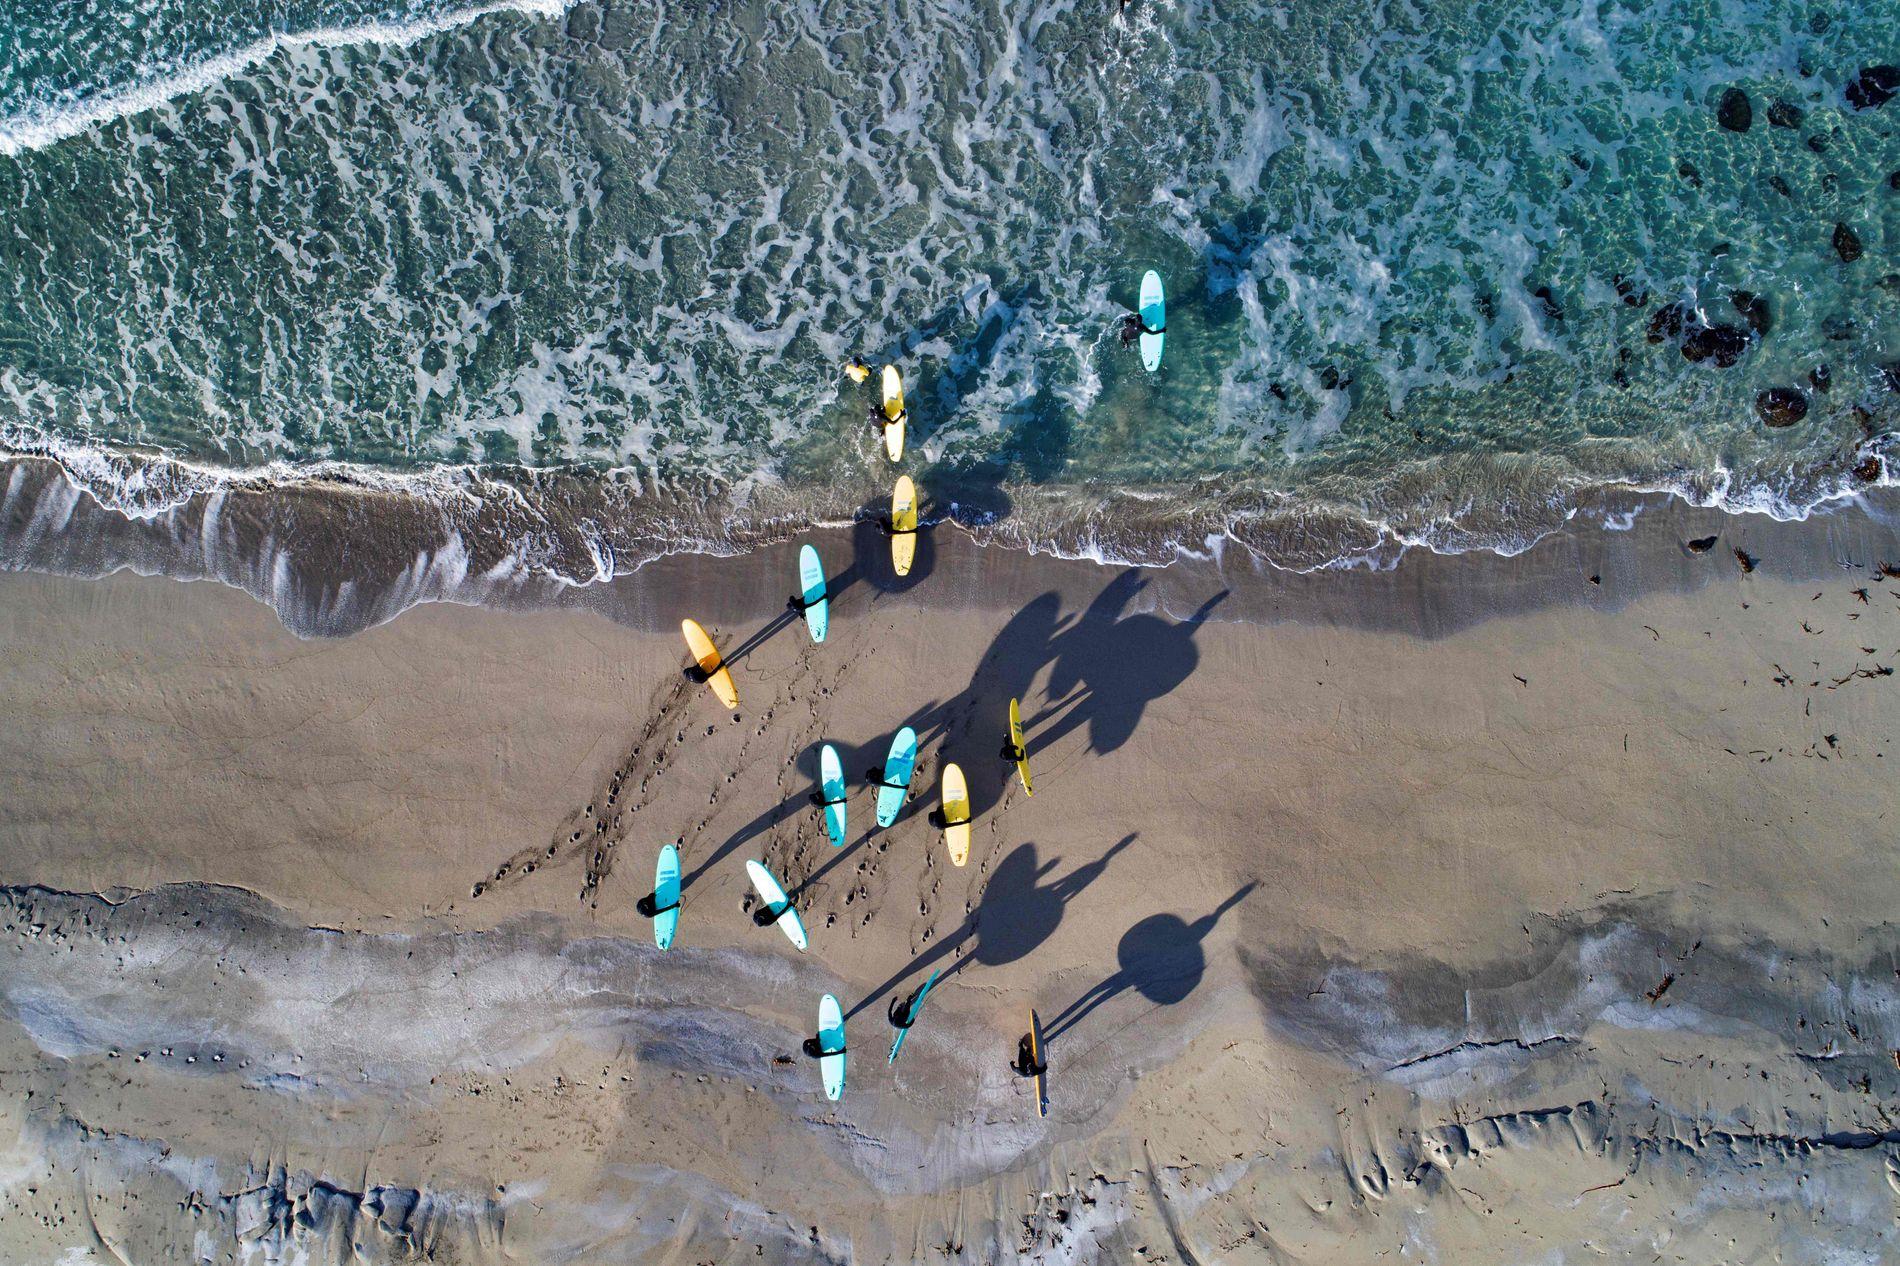 PÅSKESURFING: Surferne gjør seg klare til surfing.